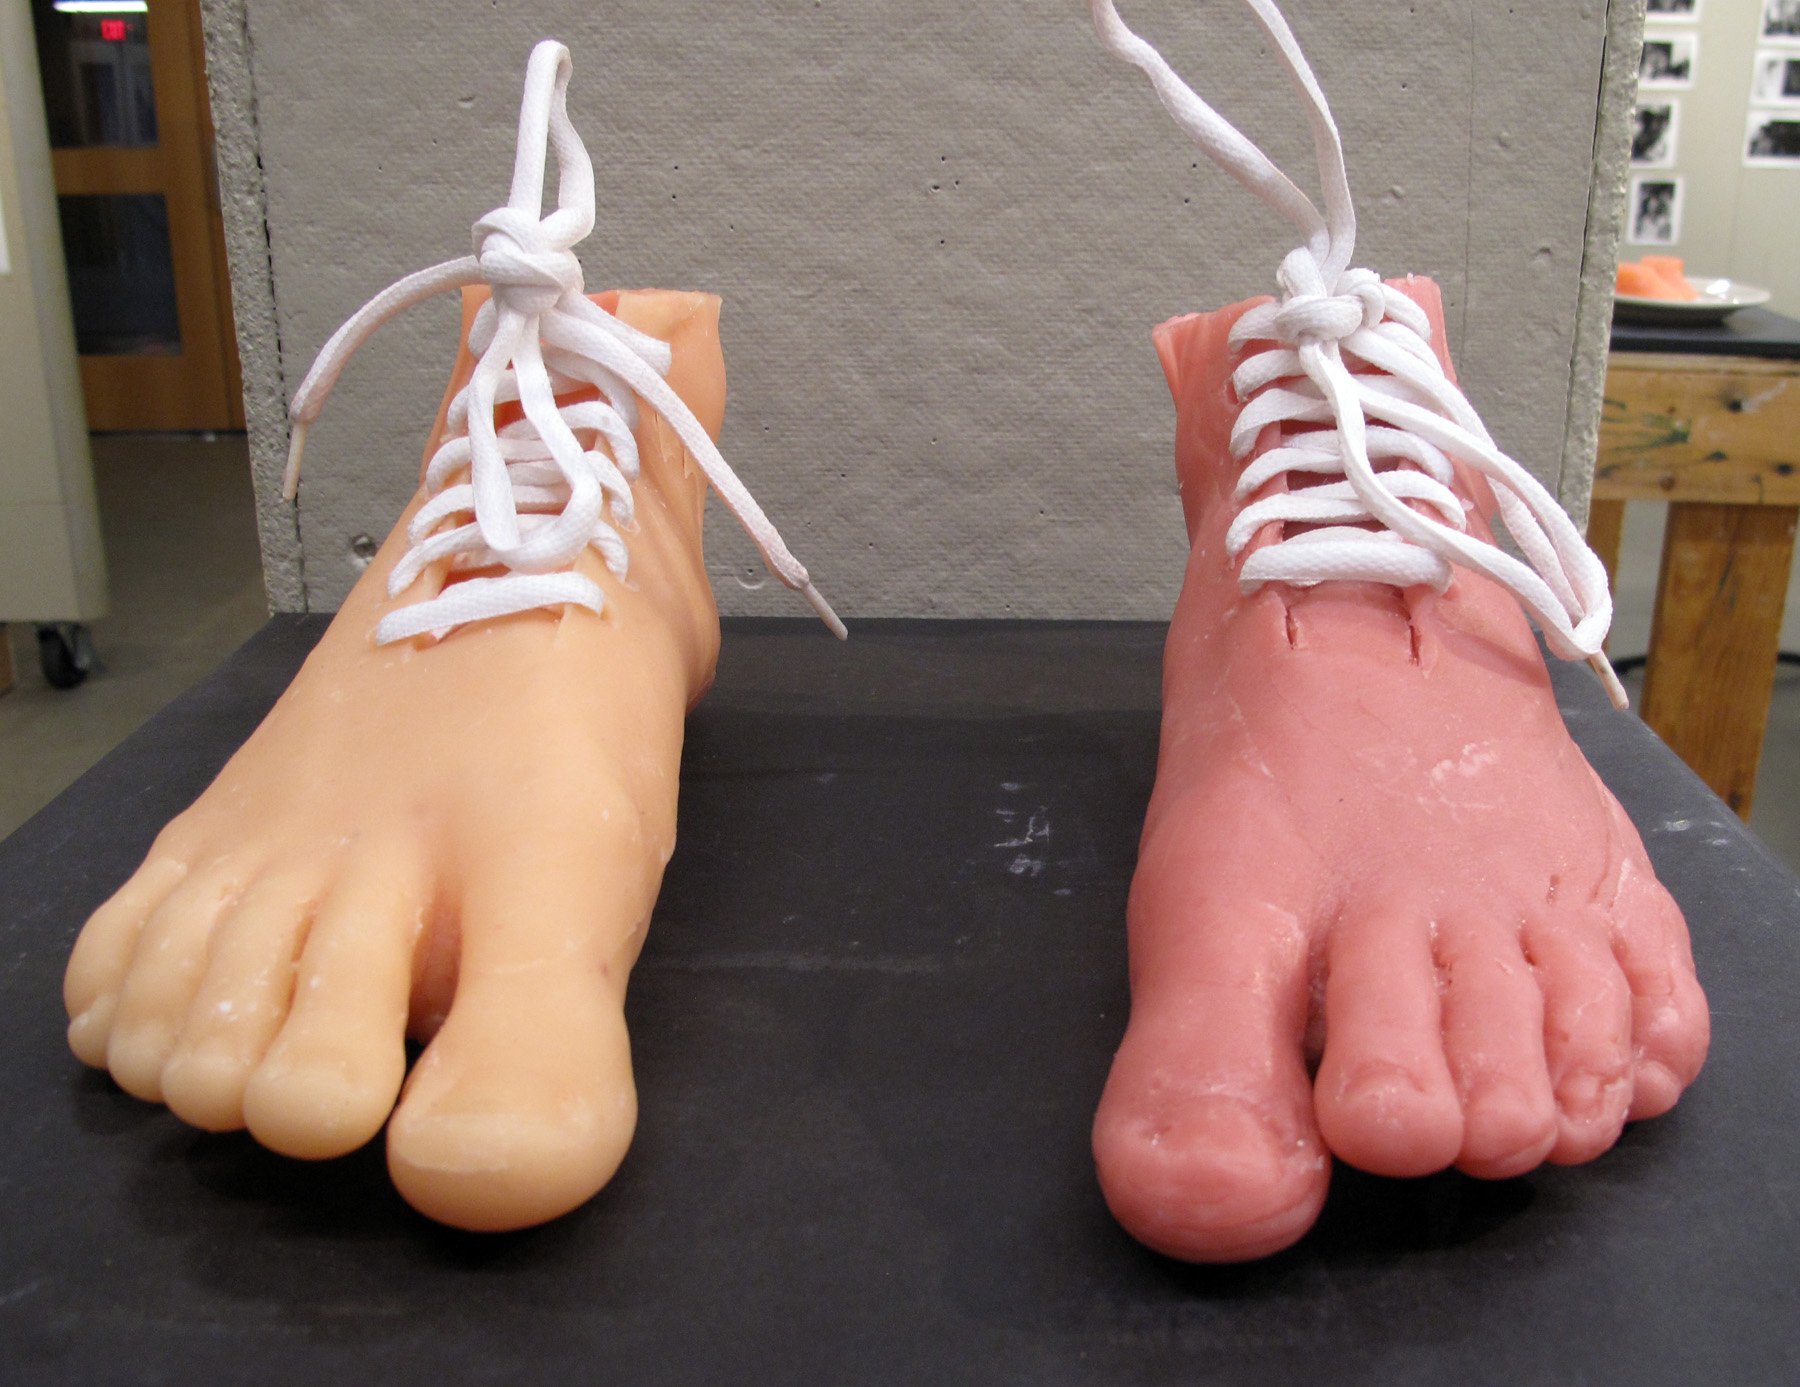 Dan S-feet.JPG